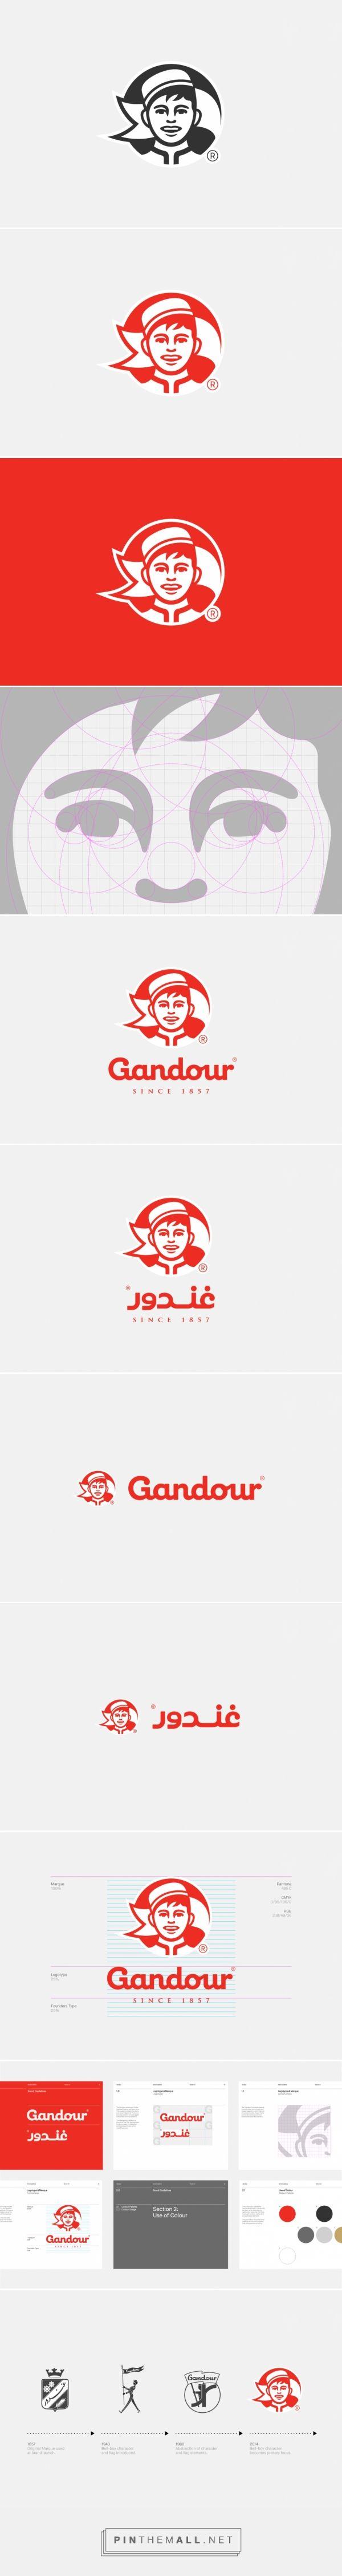 1792 best logo images on pinterest